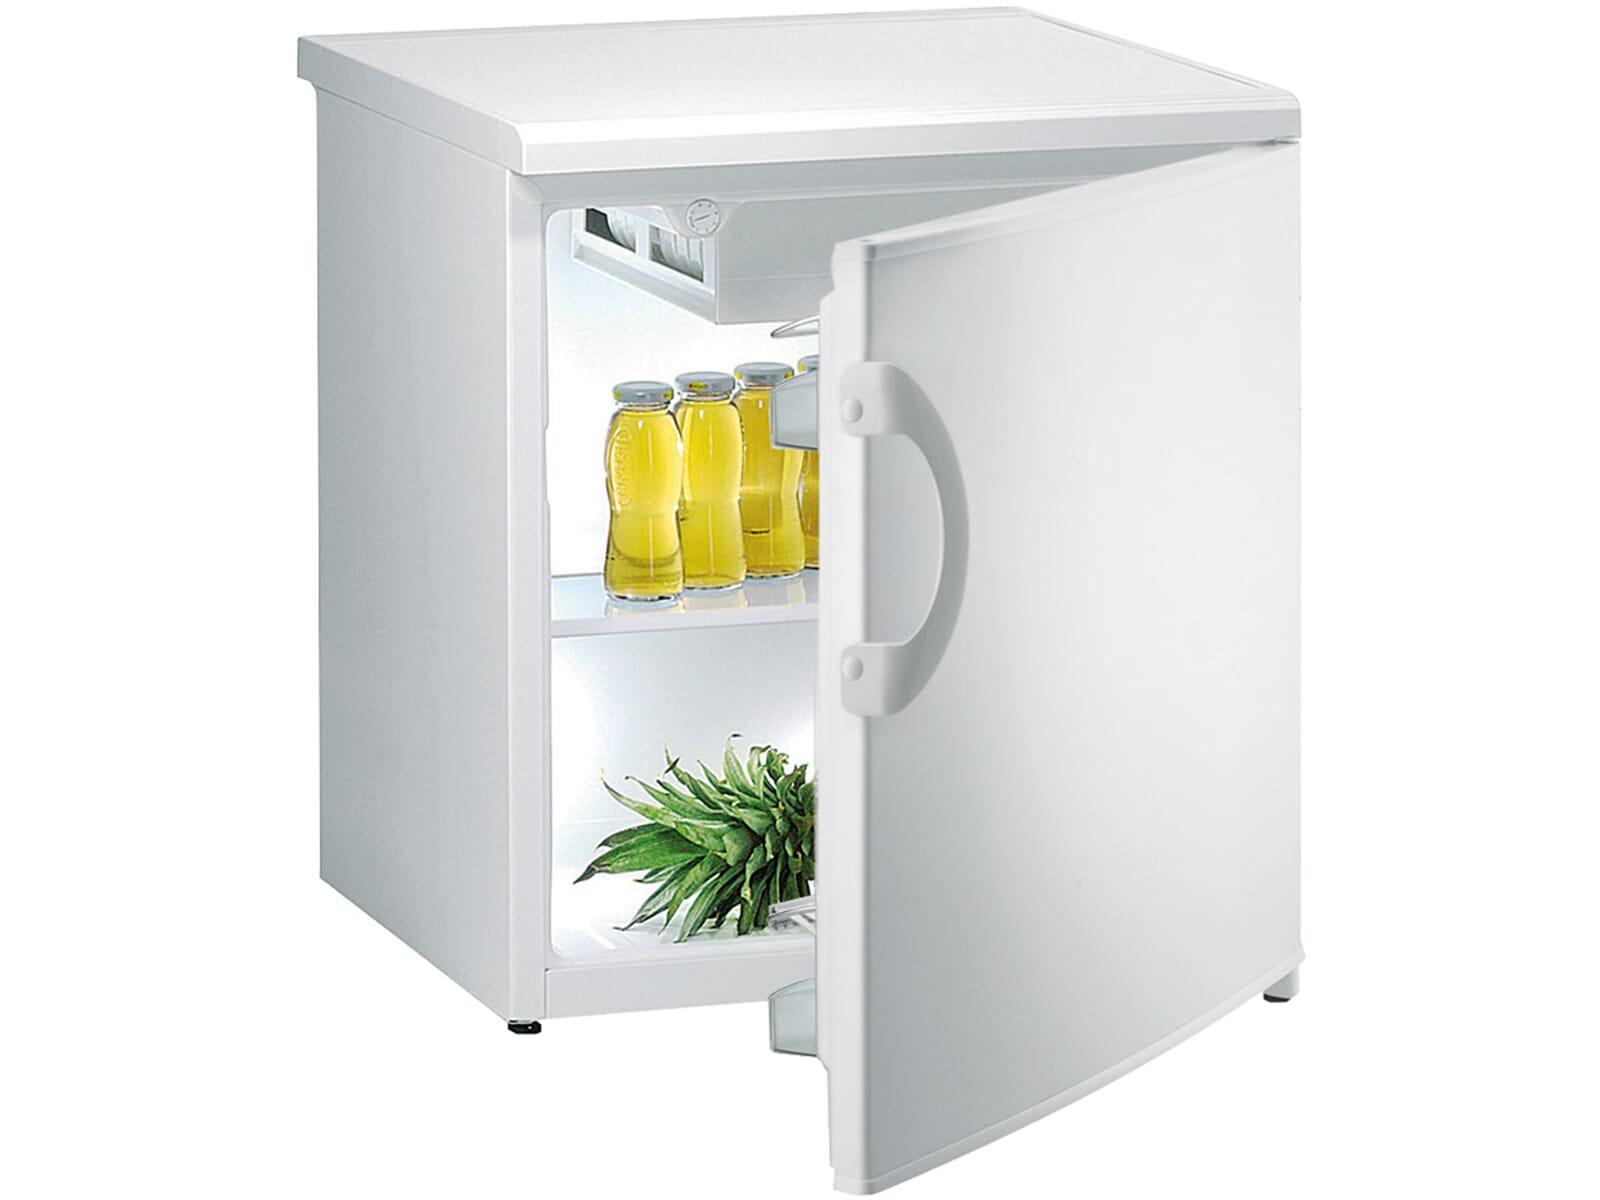 Gorenje Kühlschrank Weiß : Gorenje rb aw standkühlschrank weiß